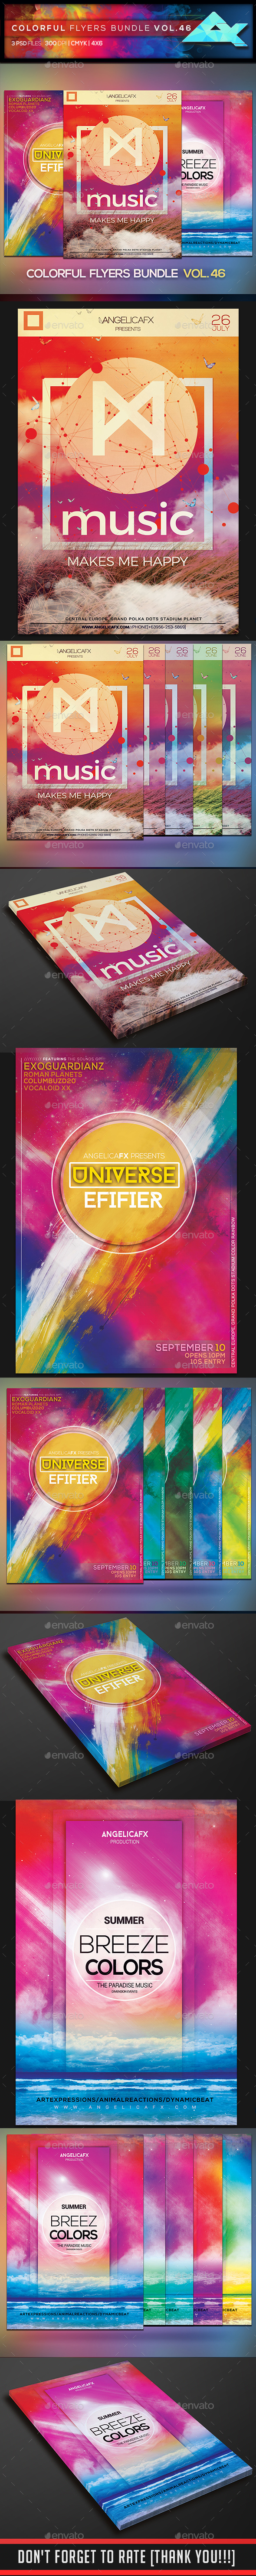 Colorful Flyers Bundle Vol. 46 - Flyers Print Templates